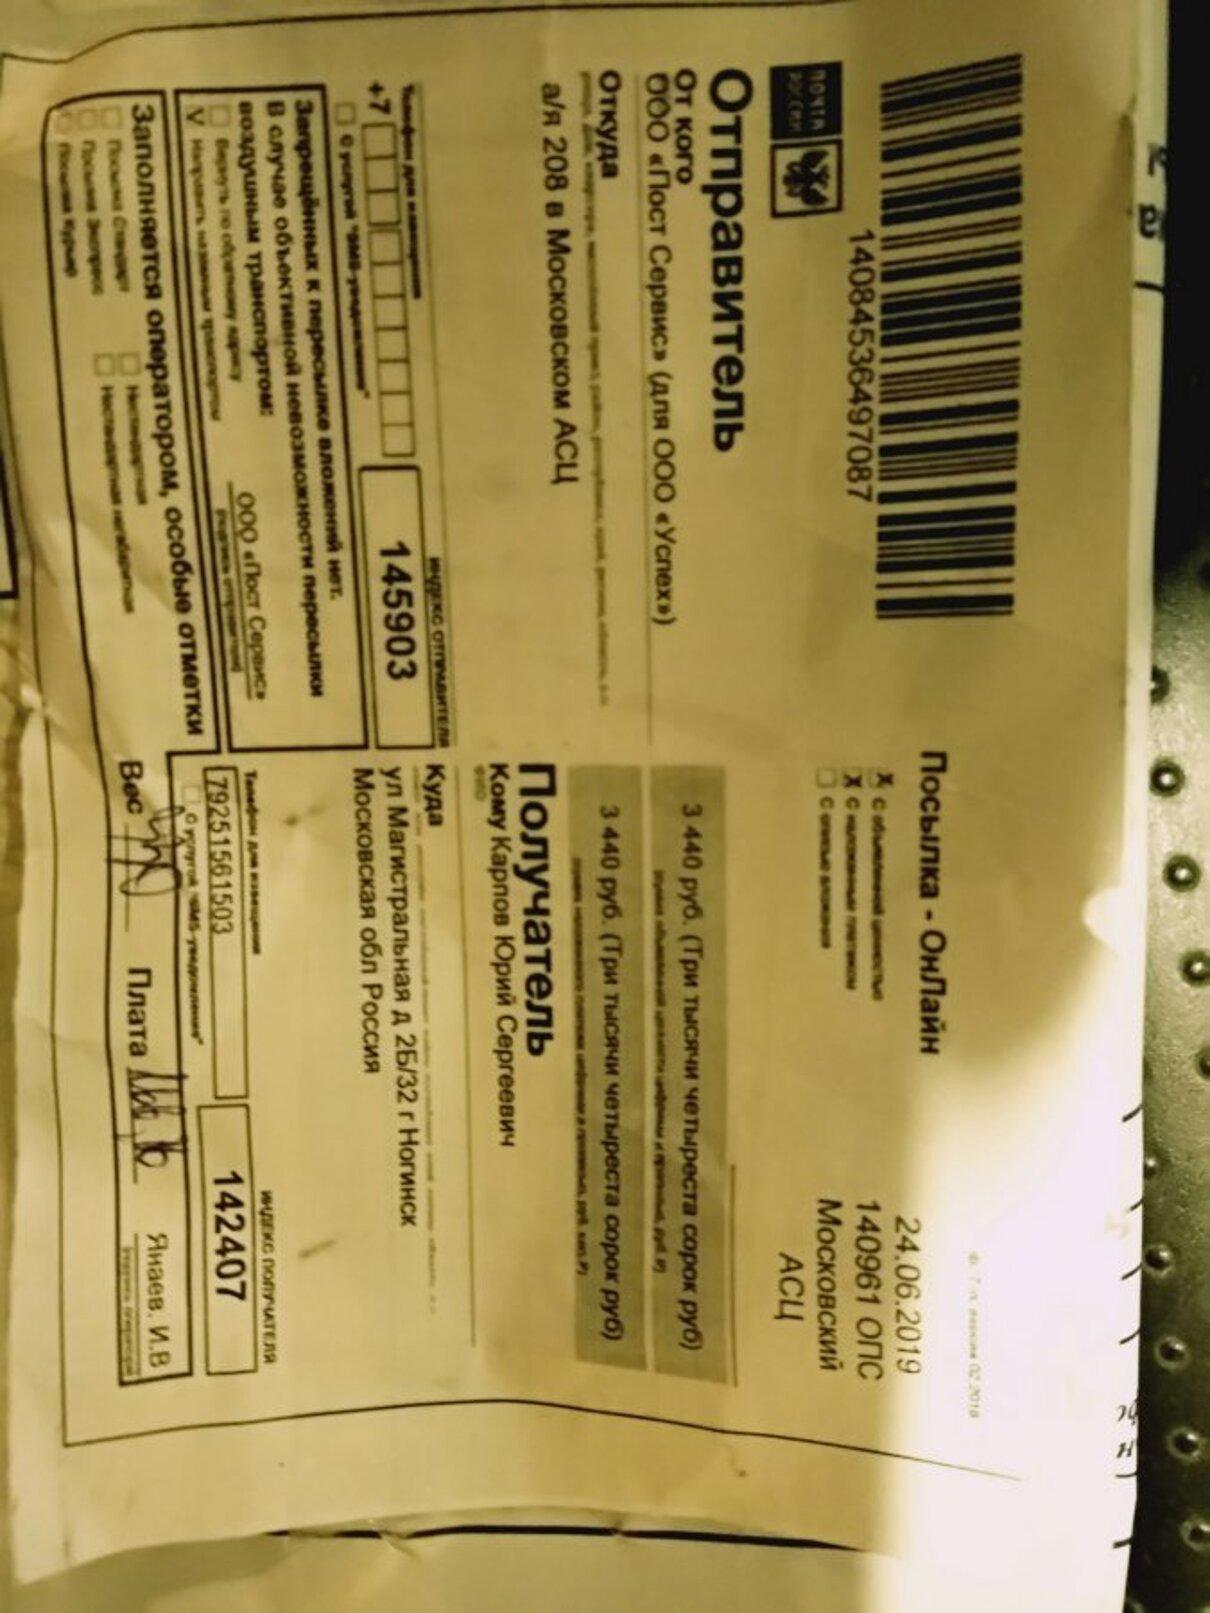 Жалоба-отзыв: ООО Пост Сервис (для ООО Успех) - Оправили товар не соответствующий заказанному и оплаченому